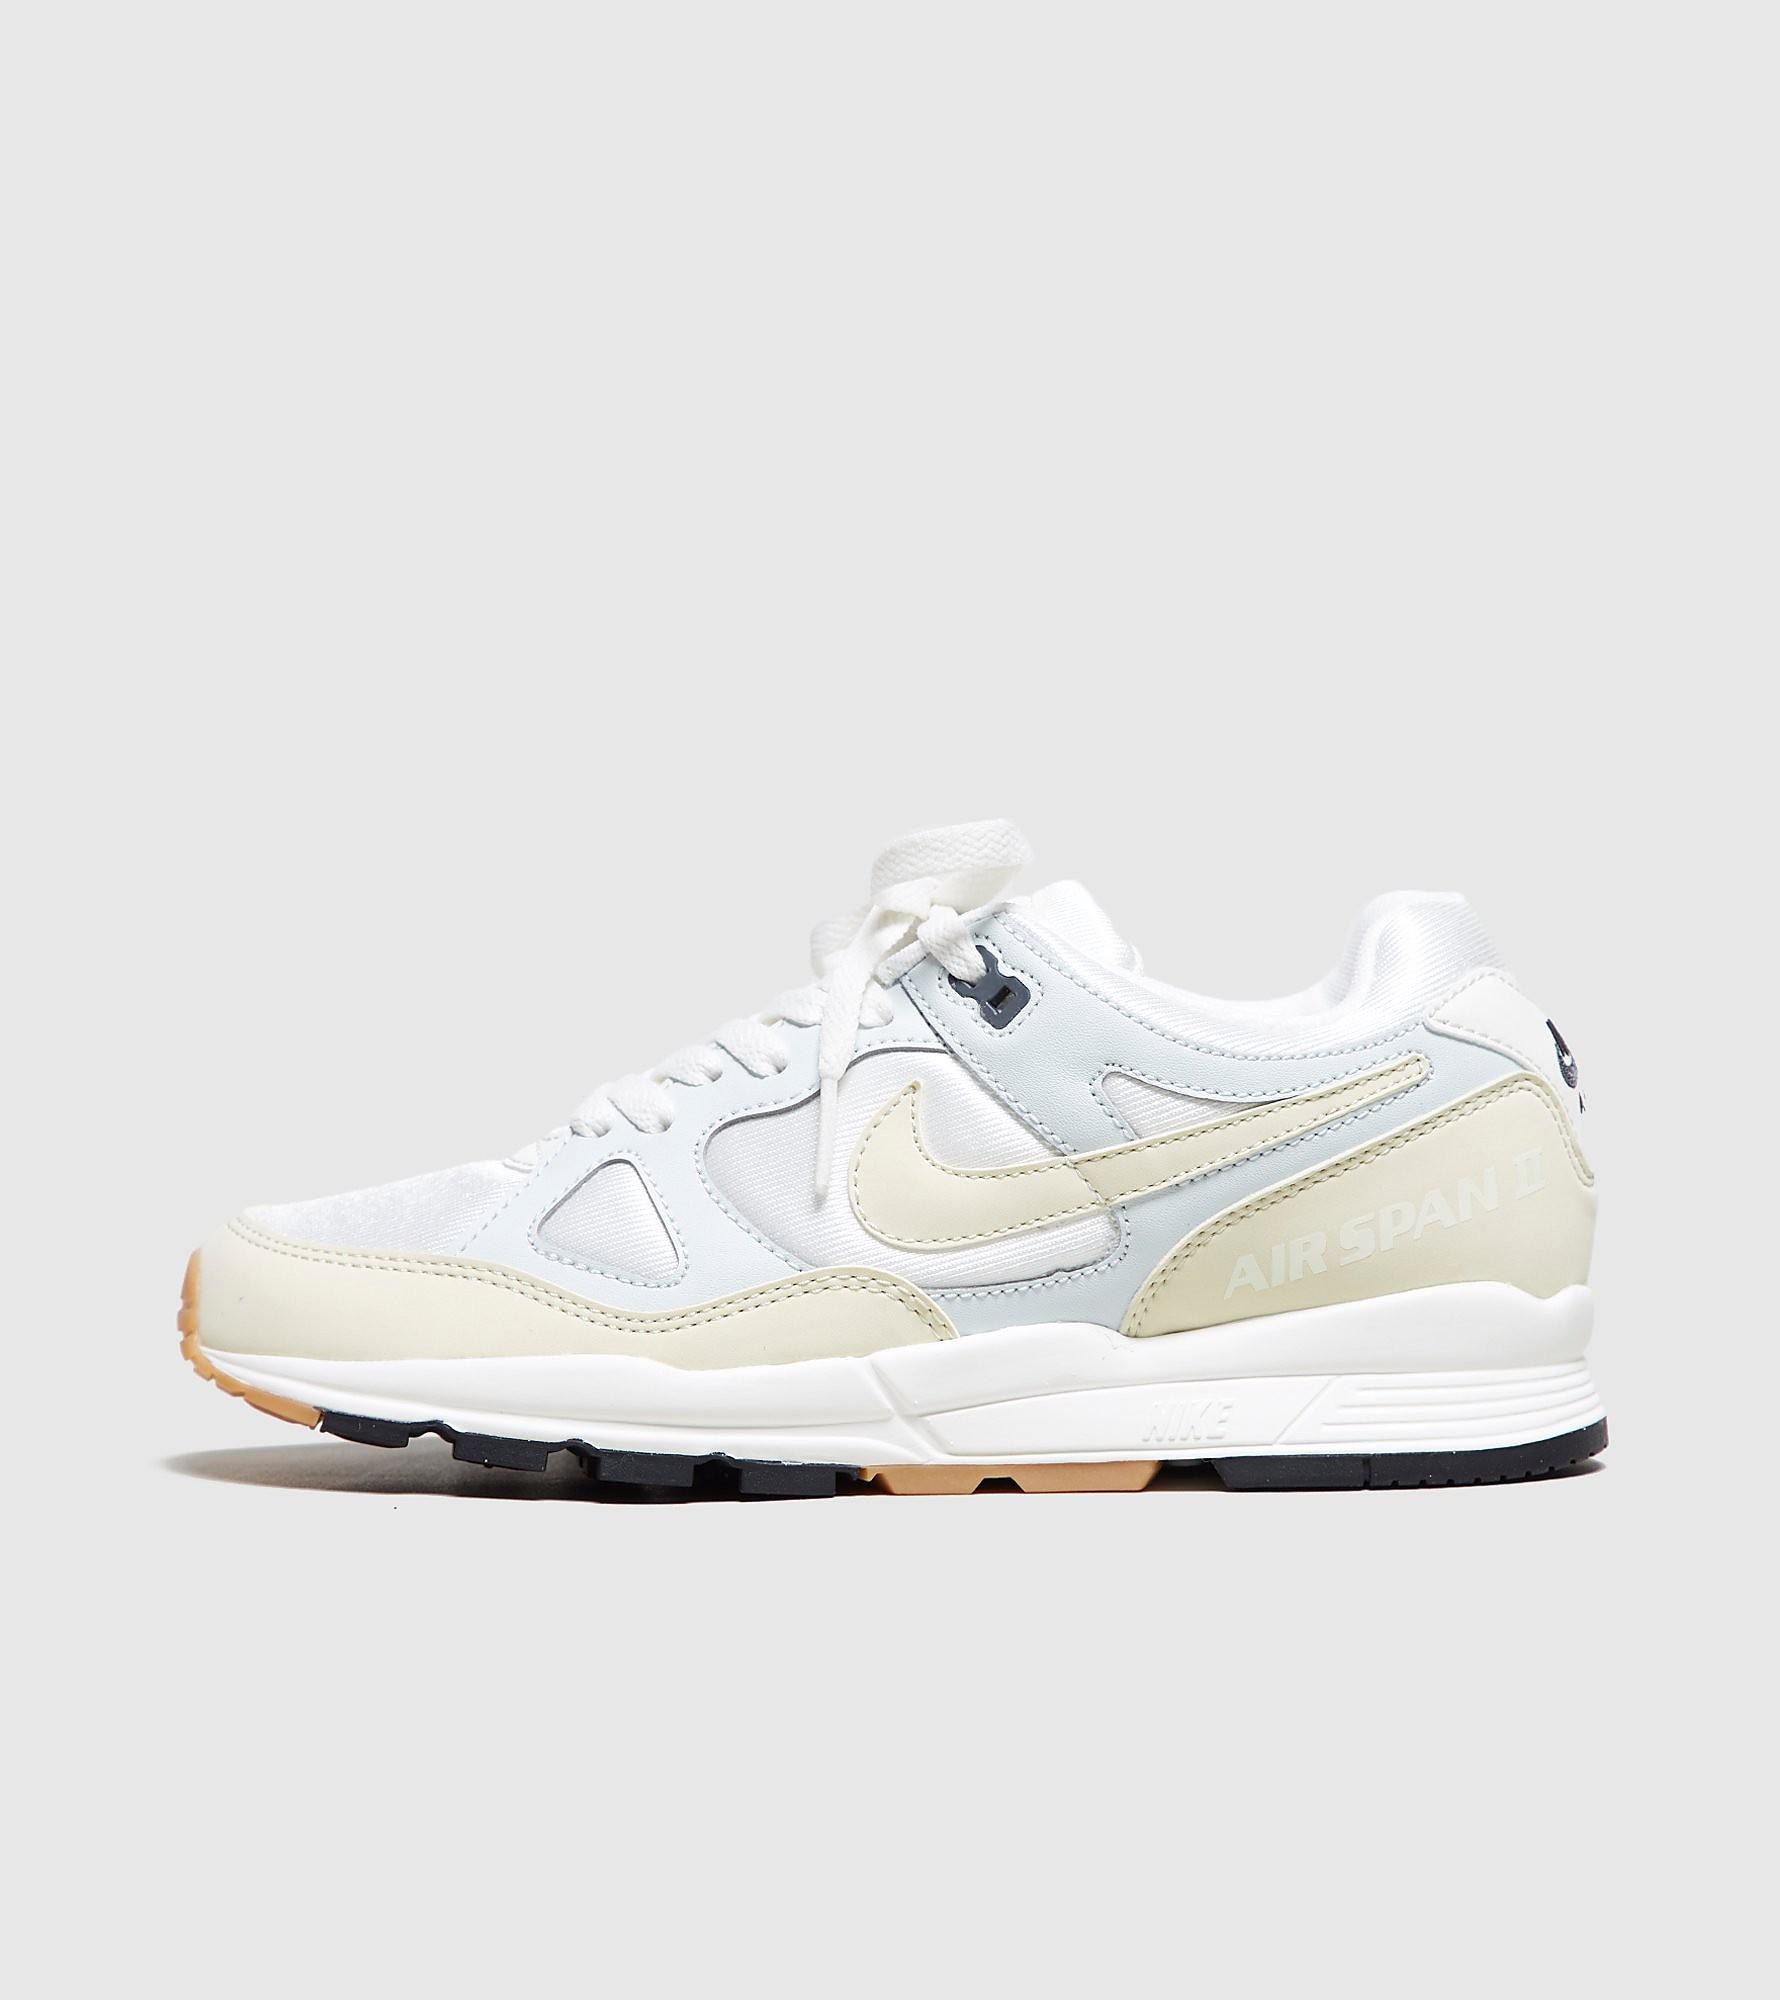 quality design 6b88f e6a73 Nike NIKE AIR SPAN II WOMENS